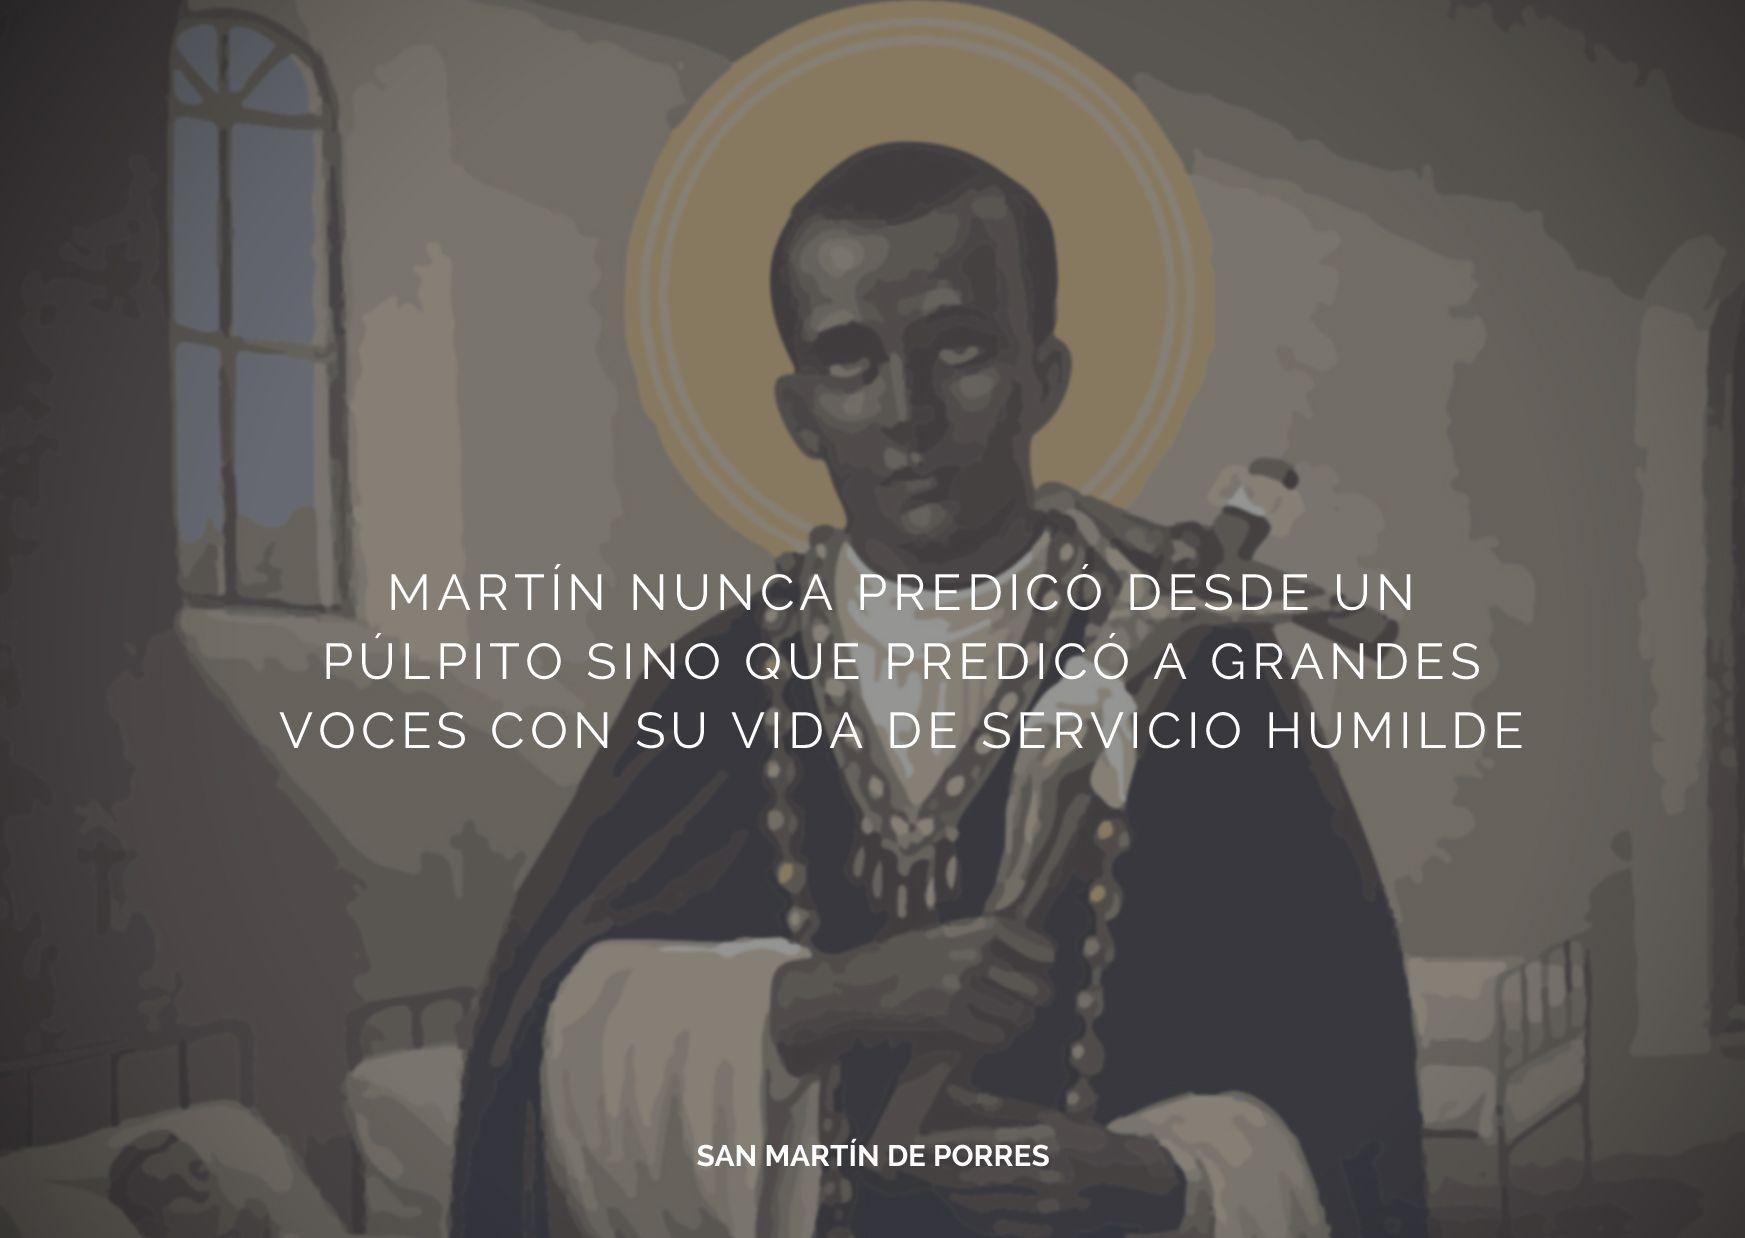 """""""Martín nunca predicó desde un púlpito sino que predicó a grandes voces con su vida de servicio humilde"""" Hoy es #SanMartínDePorres"""